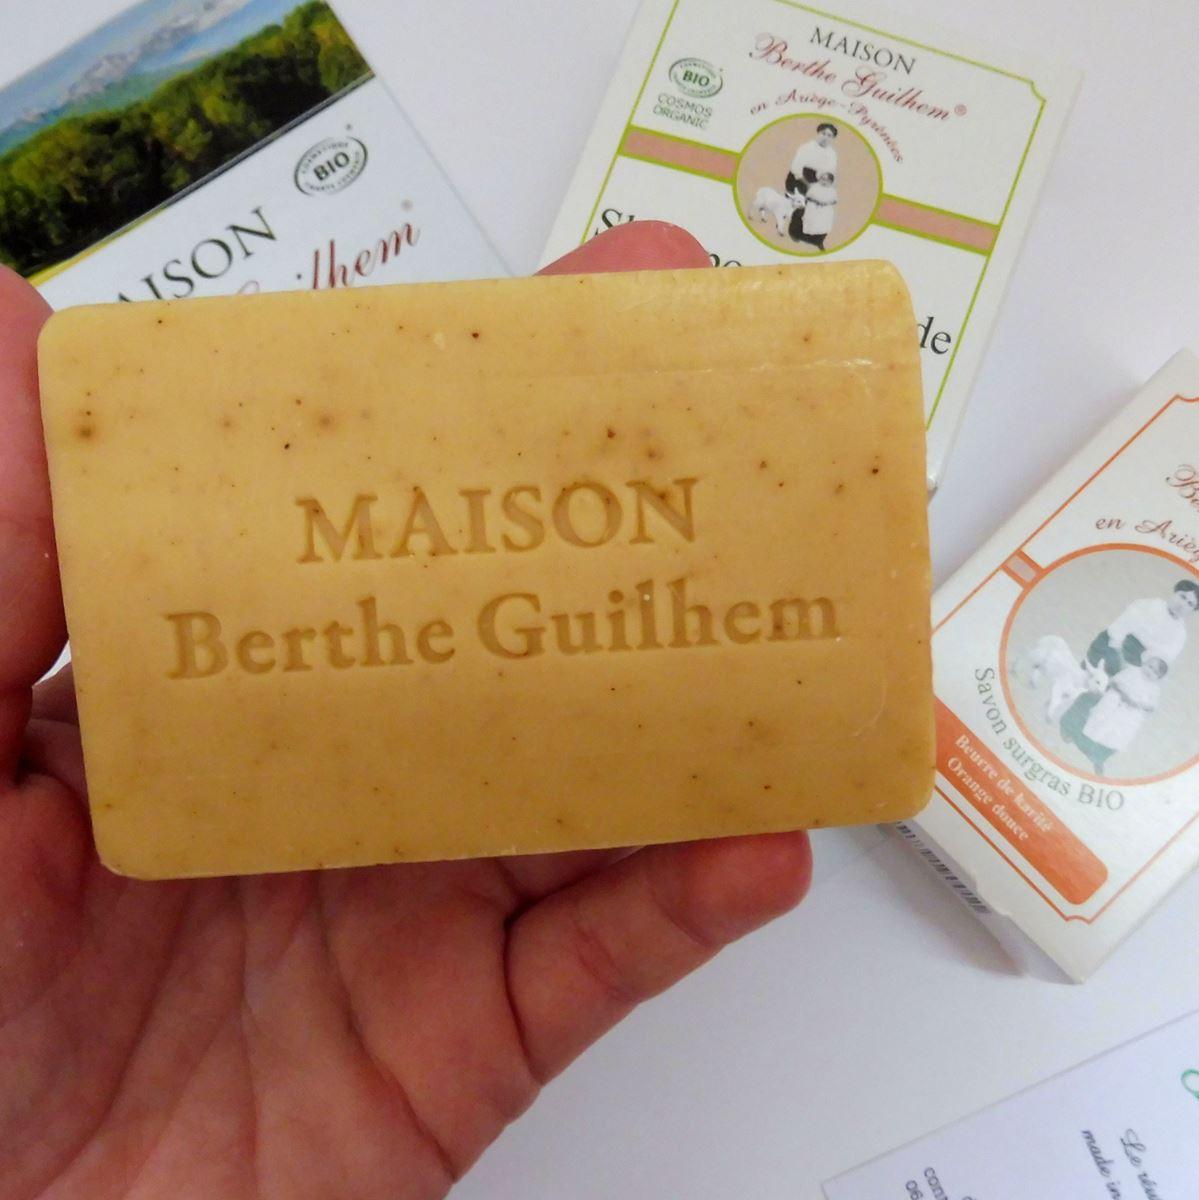 Maison Berthe Guilhem Bordeaux - Par Lili LaRochelle à Bordeaux